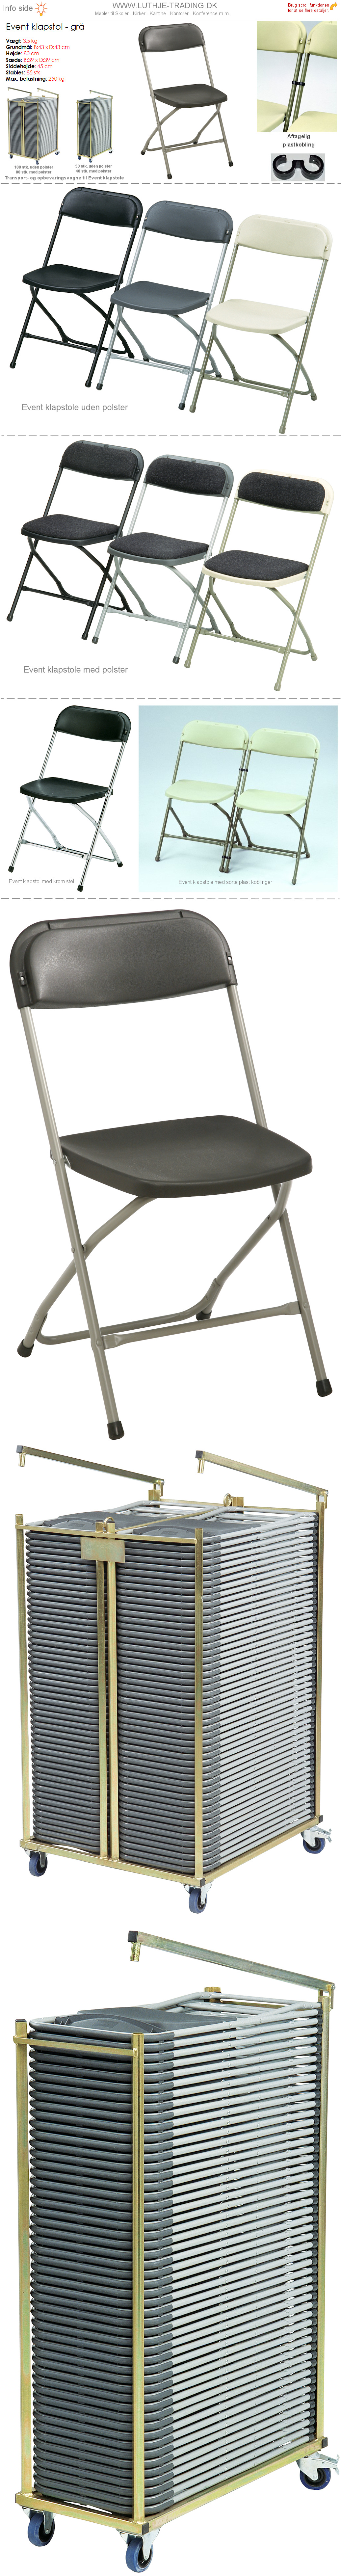 Klapstol Event grå plast og stel. Der findes en transport- og opbevaringsvogn til denne klapstol. Vi giver gerne et godt tilbud på denne klapstol.